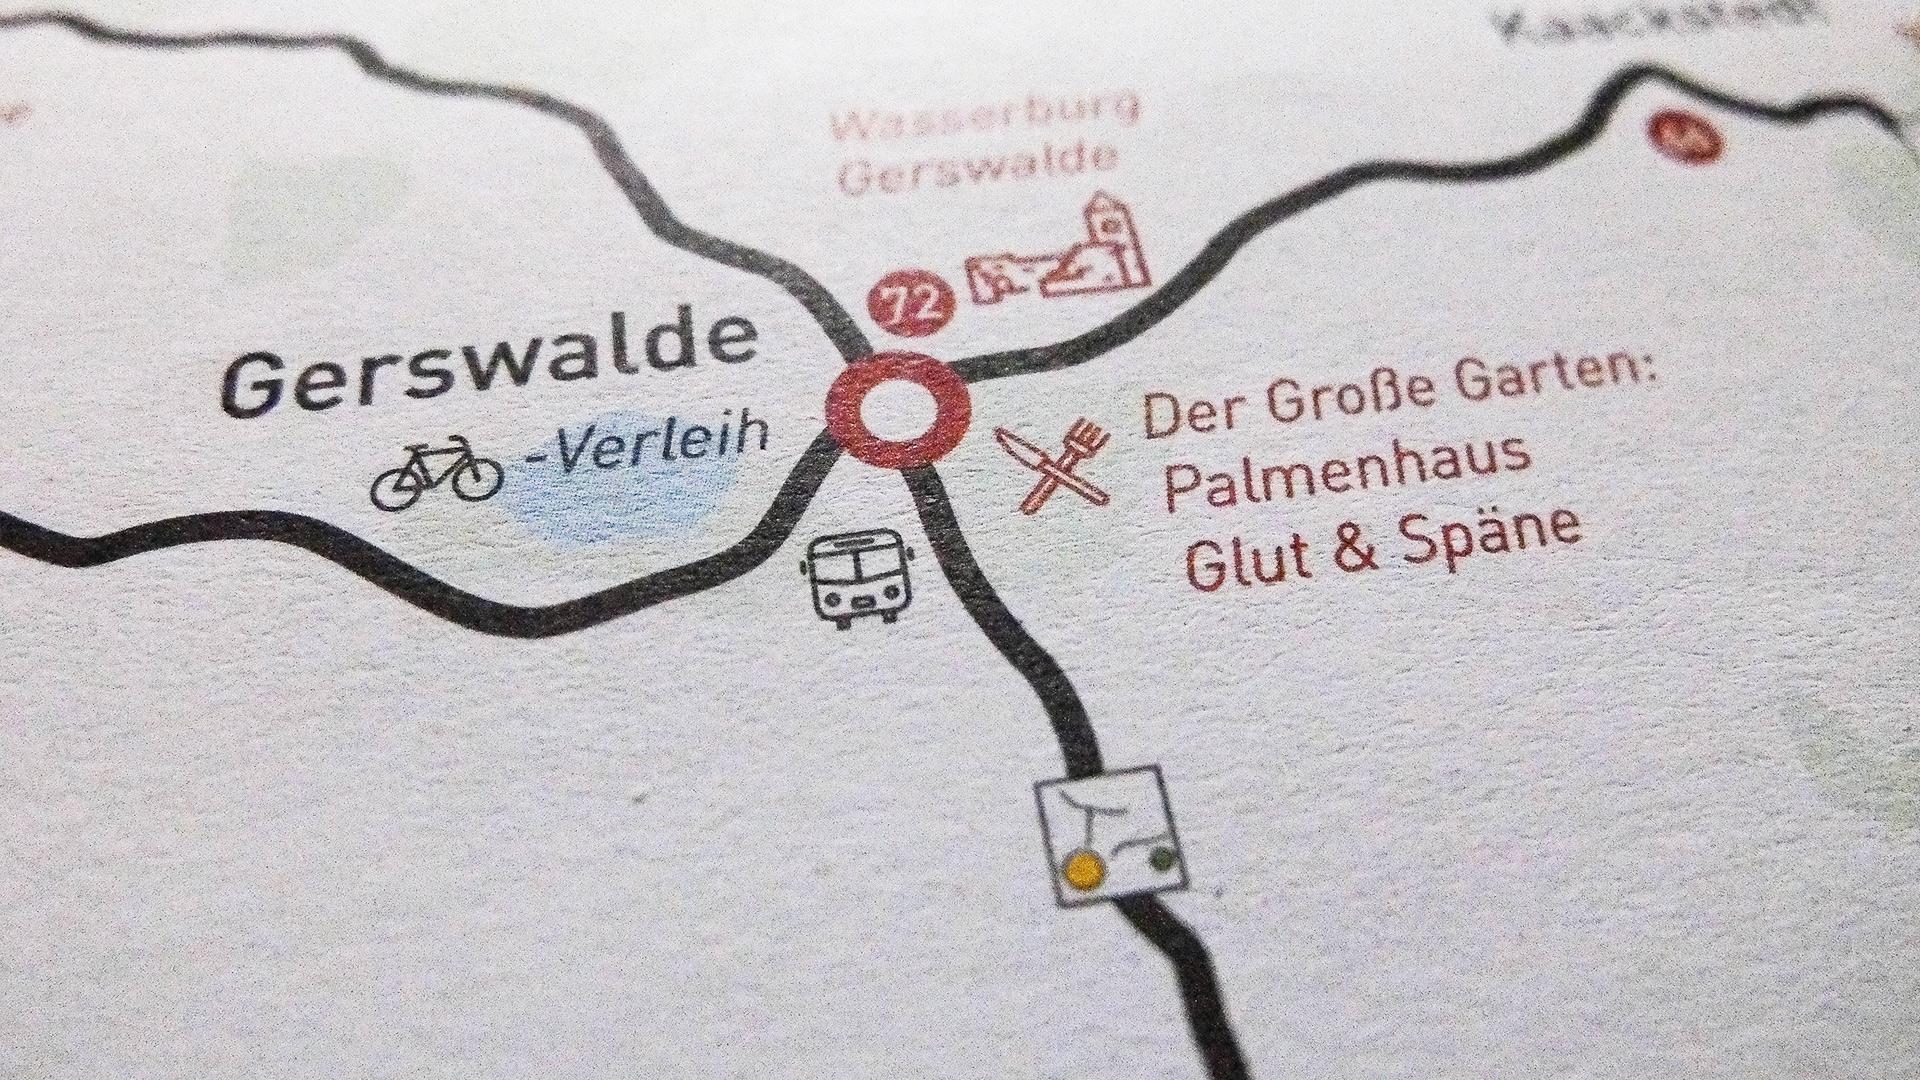 Flyer – Genusswandern Inhalt Tour Gerswalde – Tourismusverein Angermünde e.V.